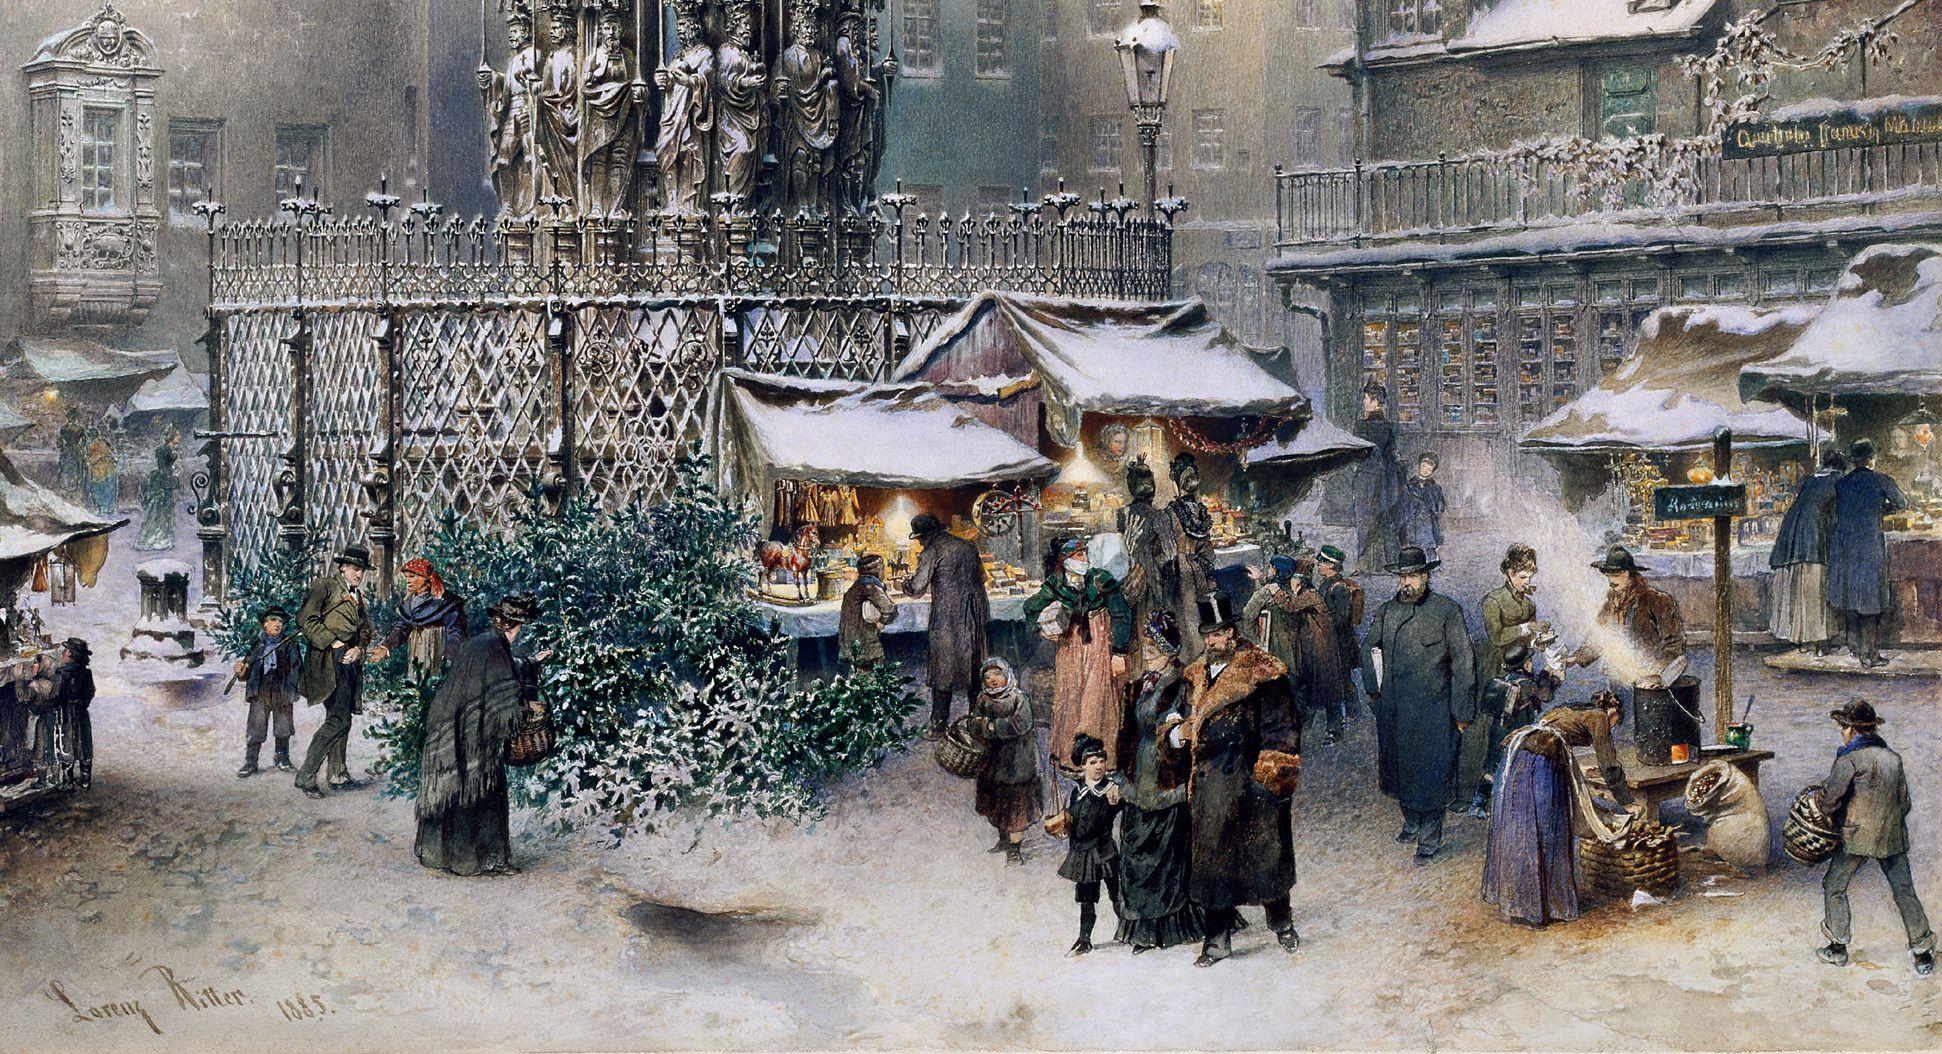 Christkindlesmarkt mit Schönen Brunnen unteres Bilddrittel